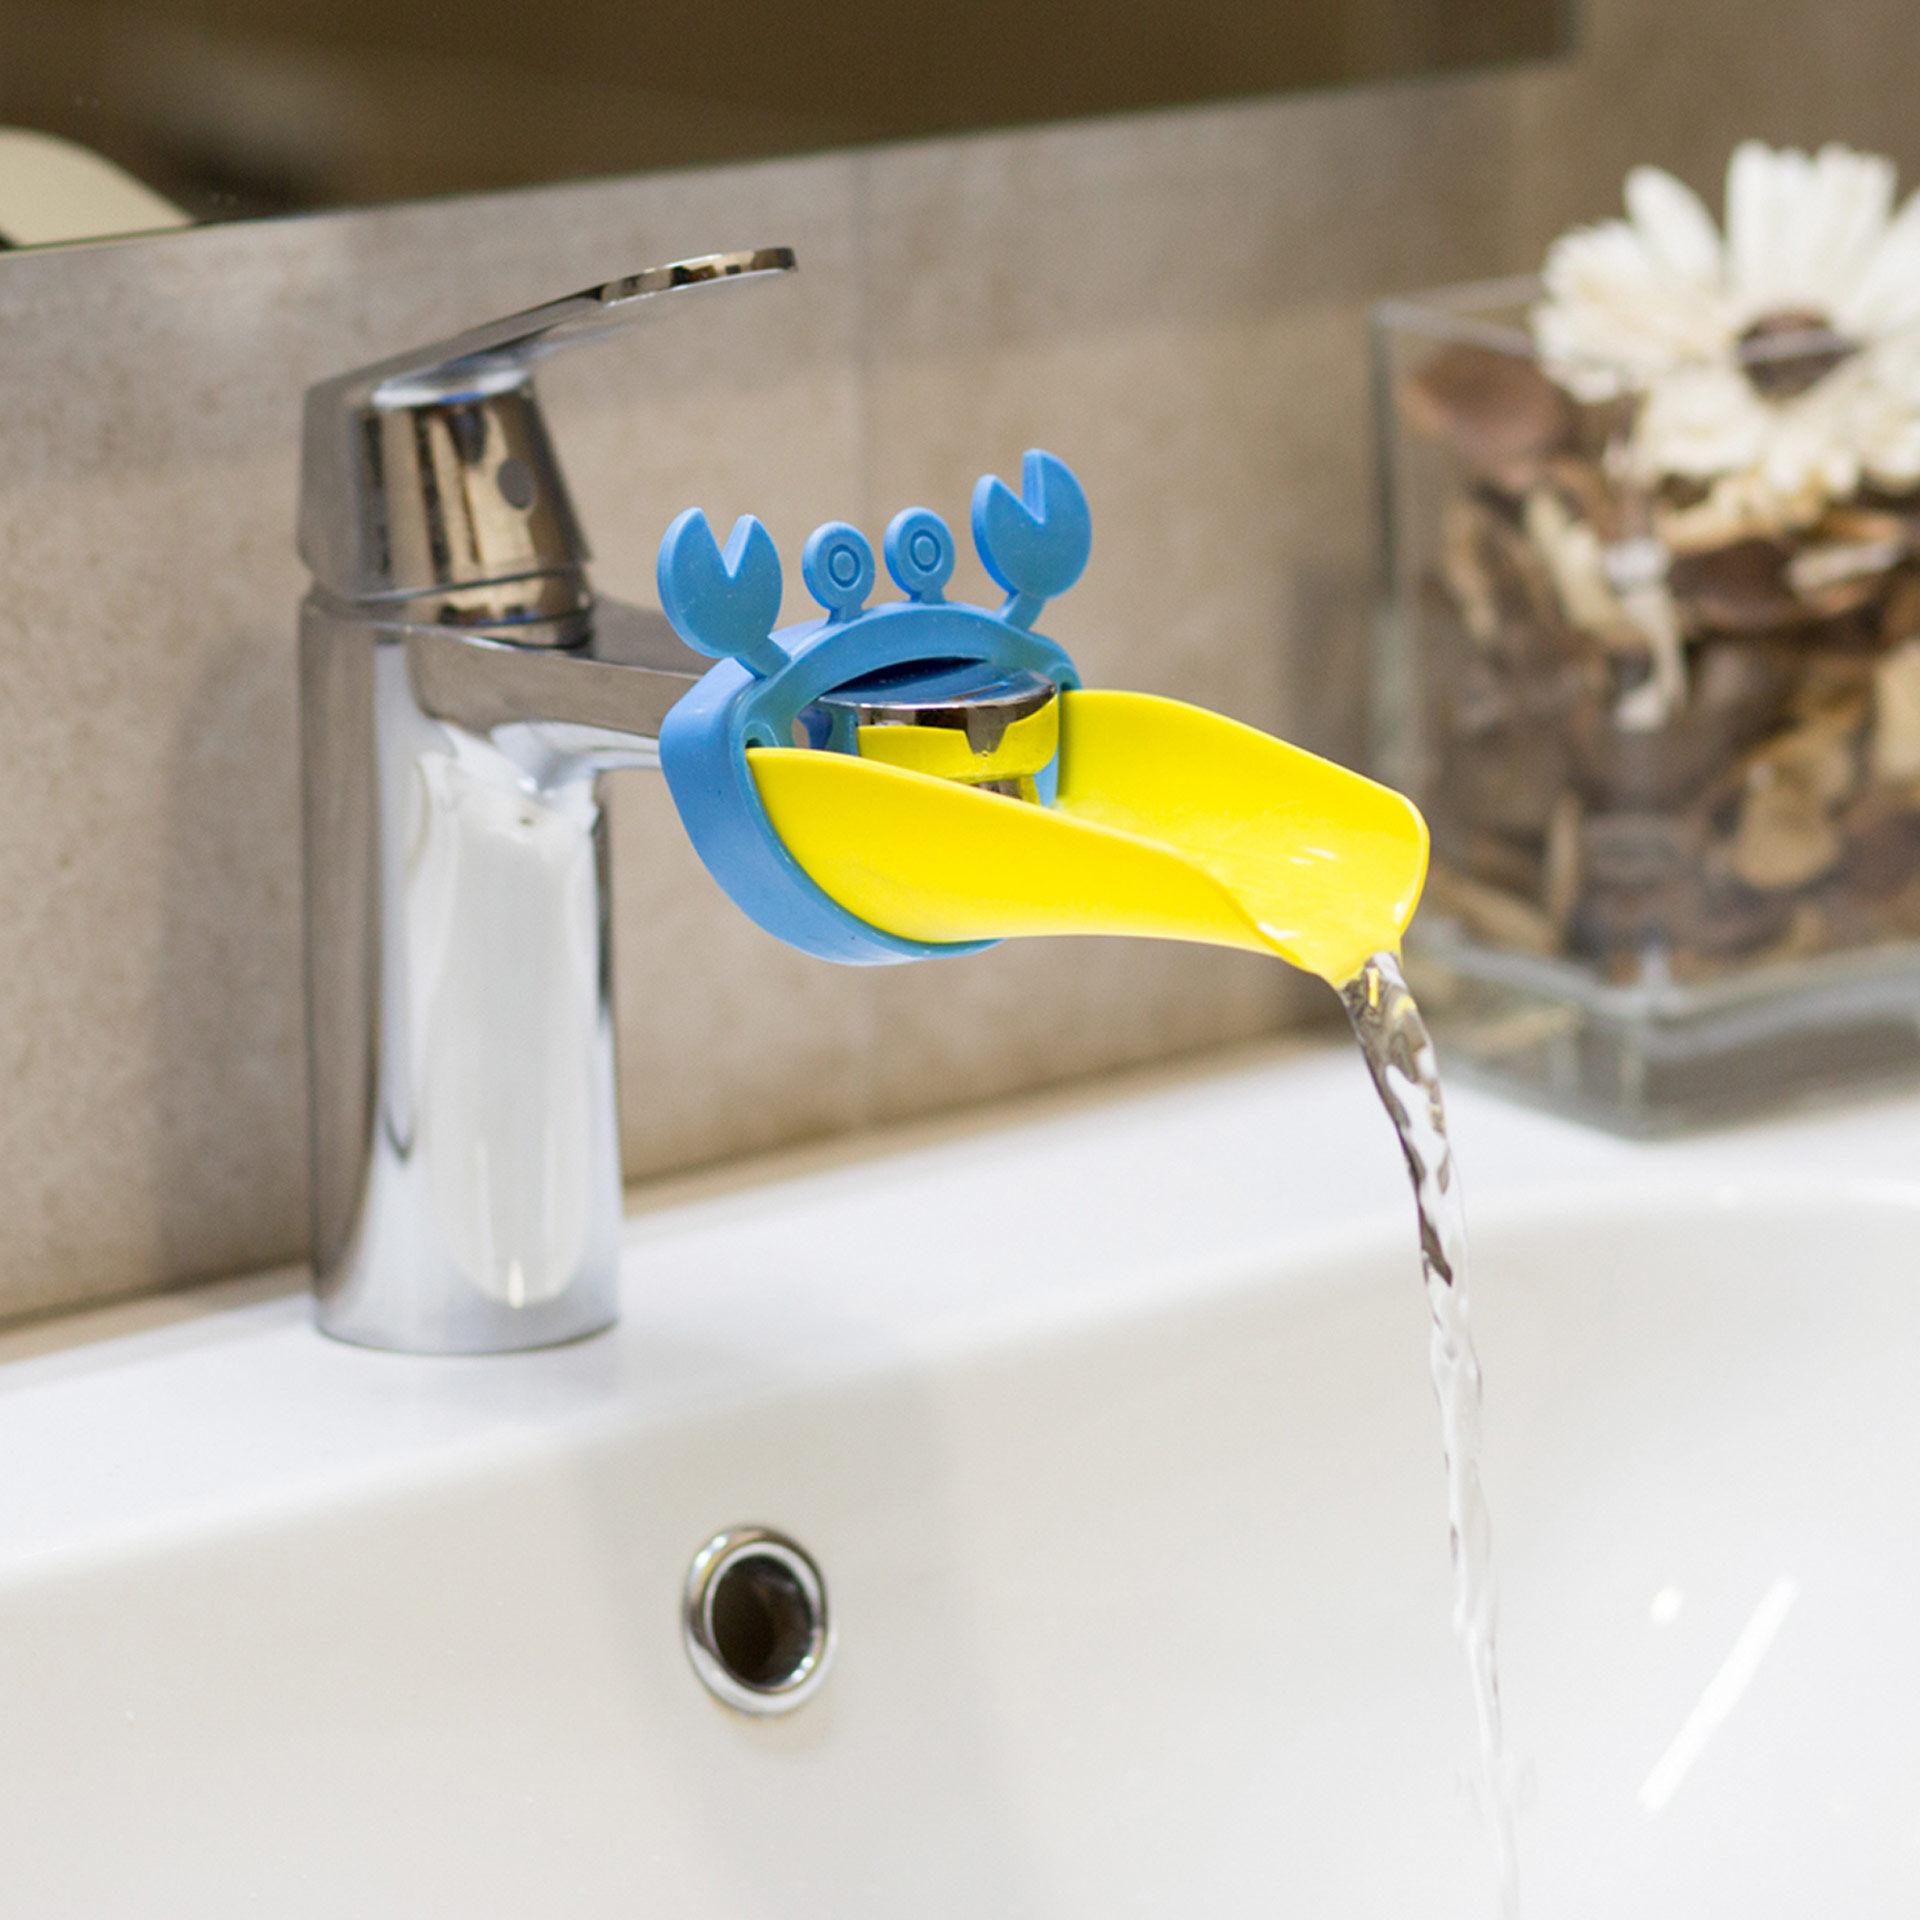 Extension du robinet pour les enfants, , large